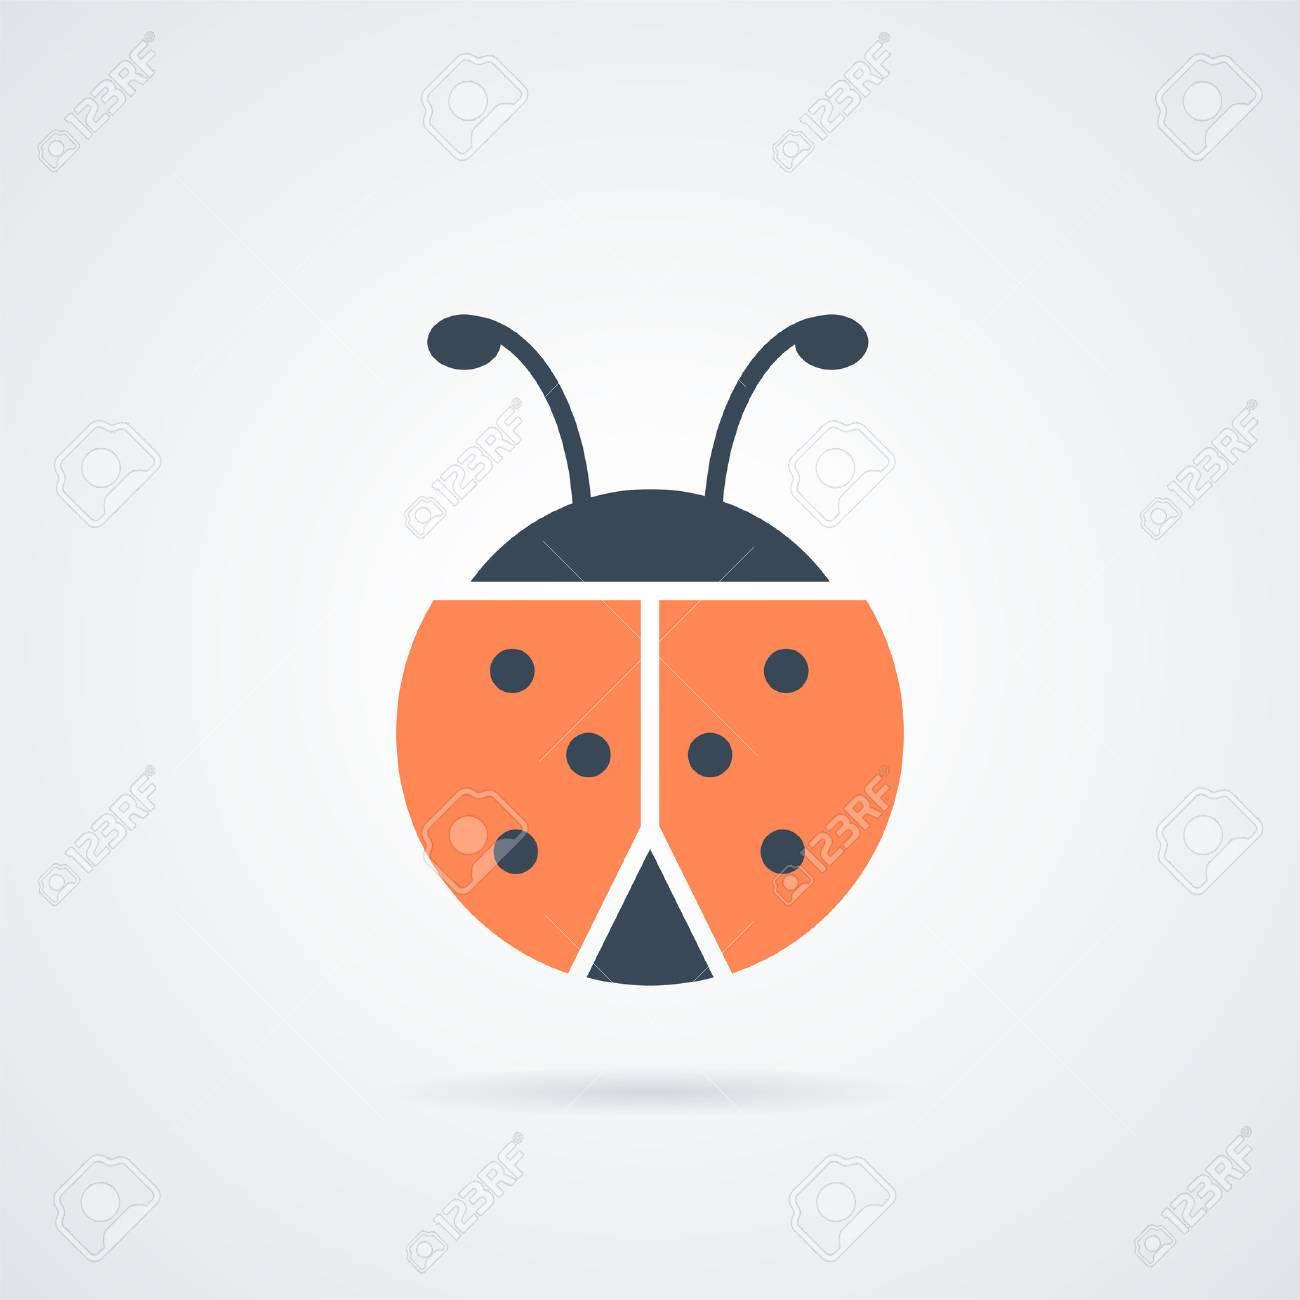 Coccinelle Symbole illustration vectorielle de coccinelle icône. icône de coccinelle